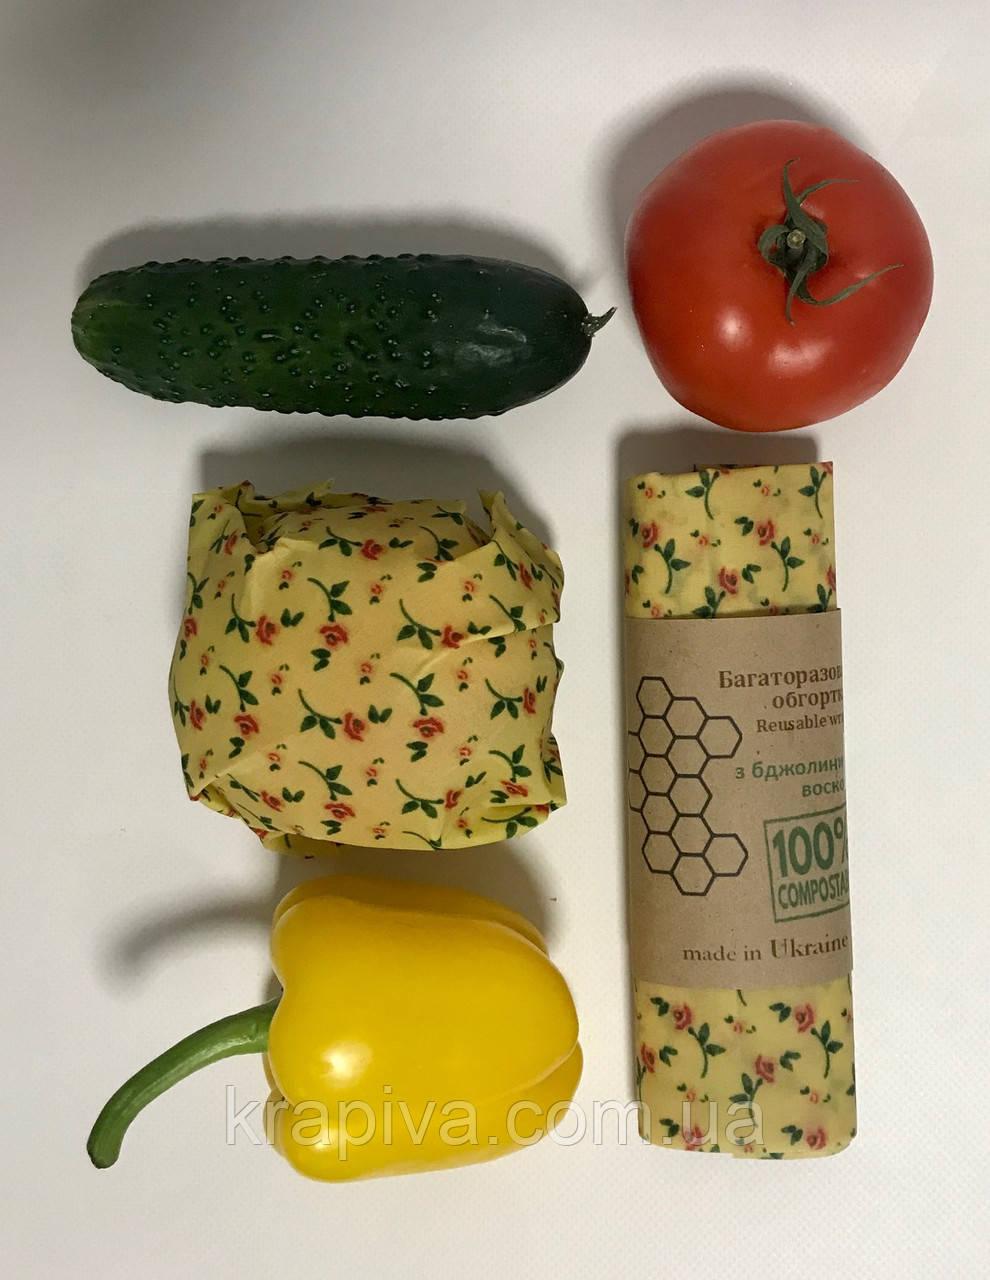 Восковая салфетка обертка для продуктов, воскова серветка обгортка